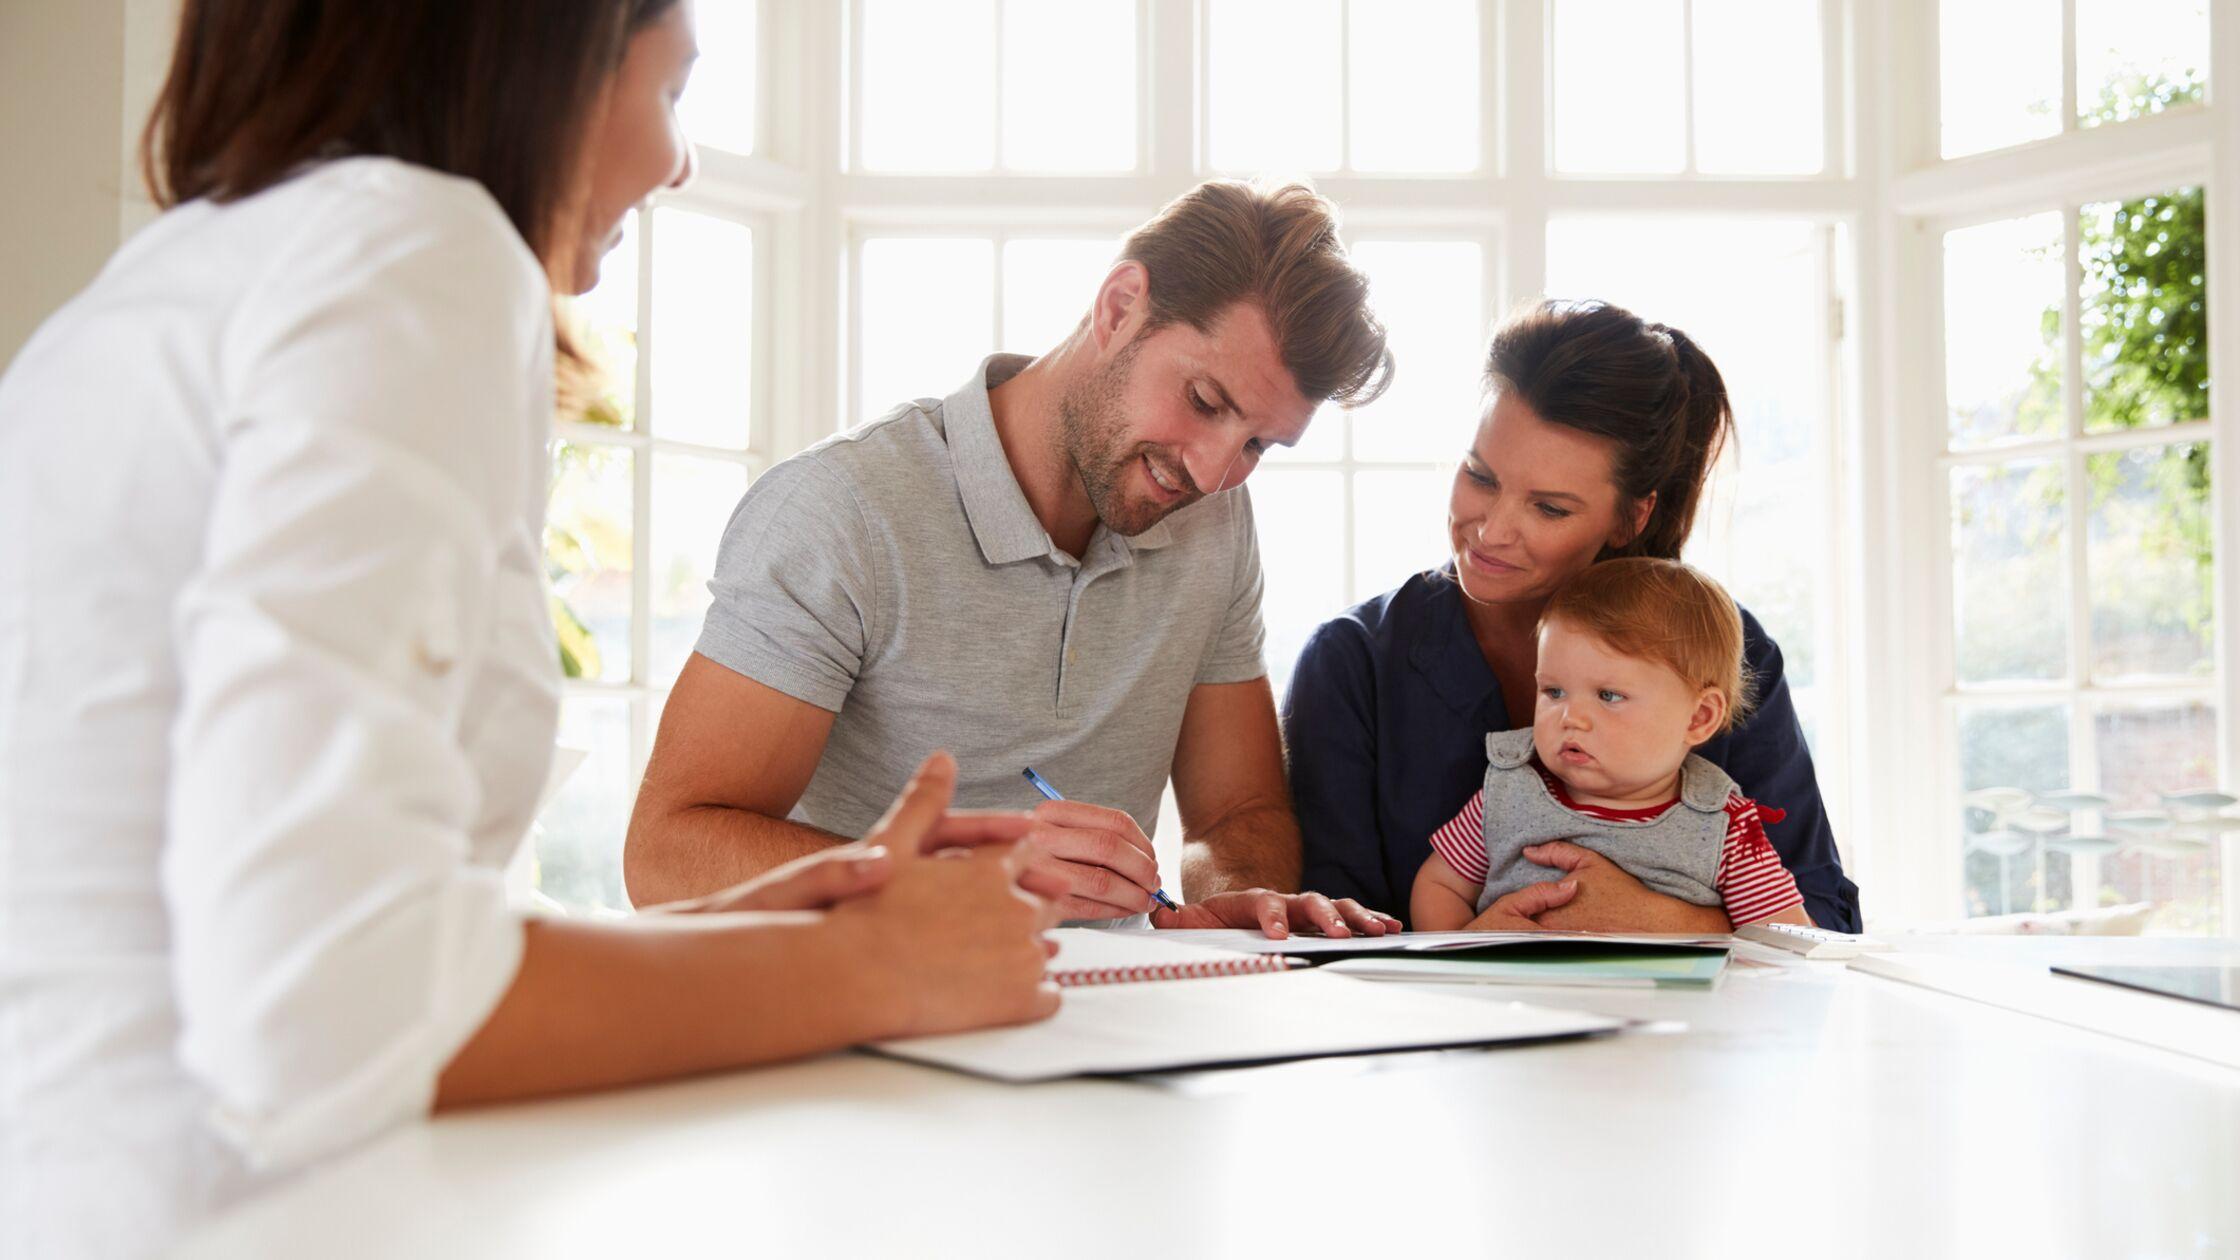 Junger Familienvater füllt Mieterselbstauskunft aus